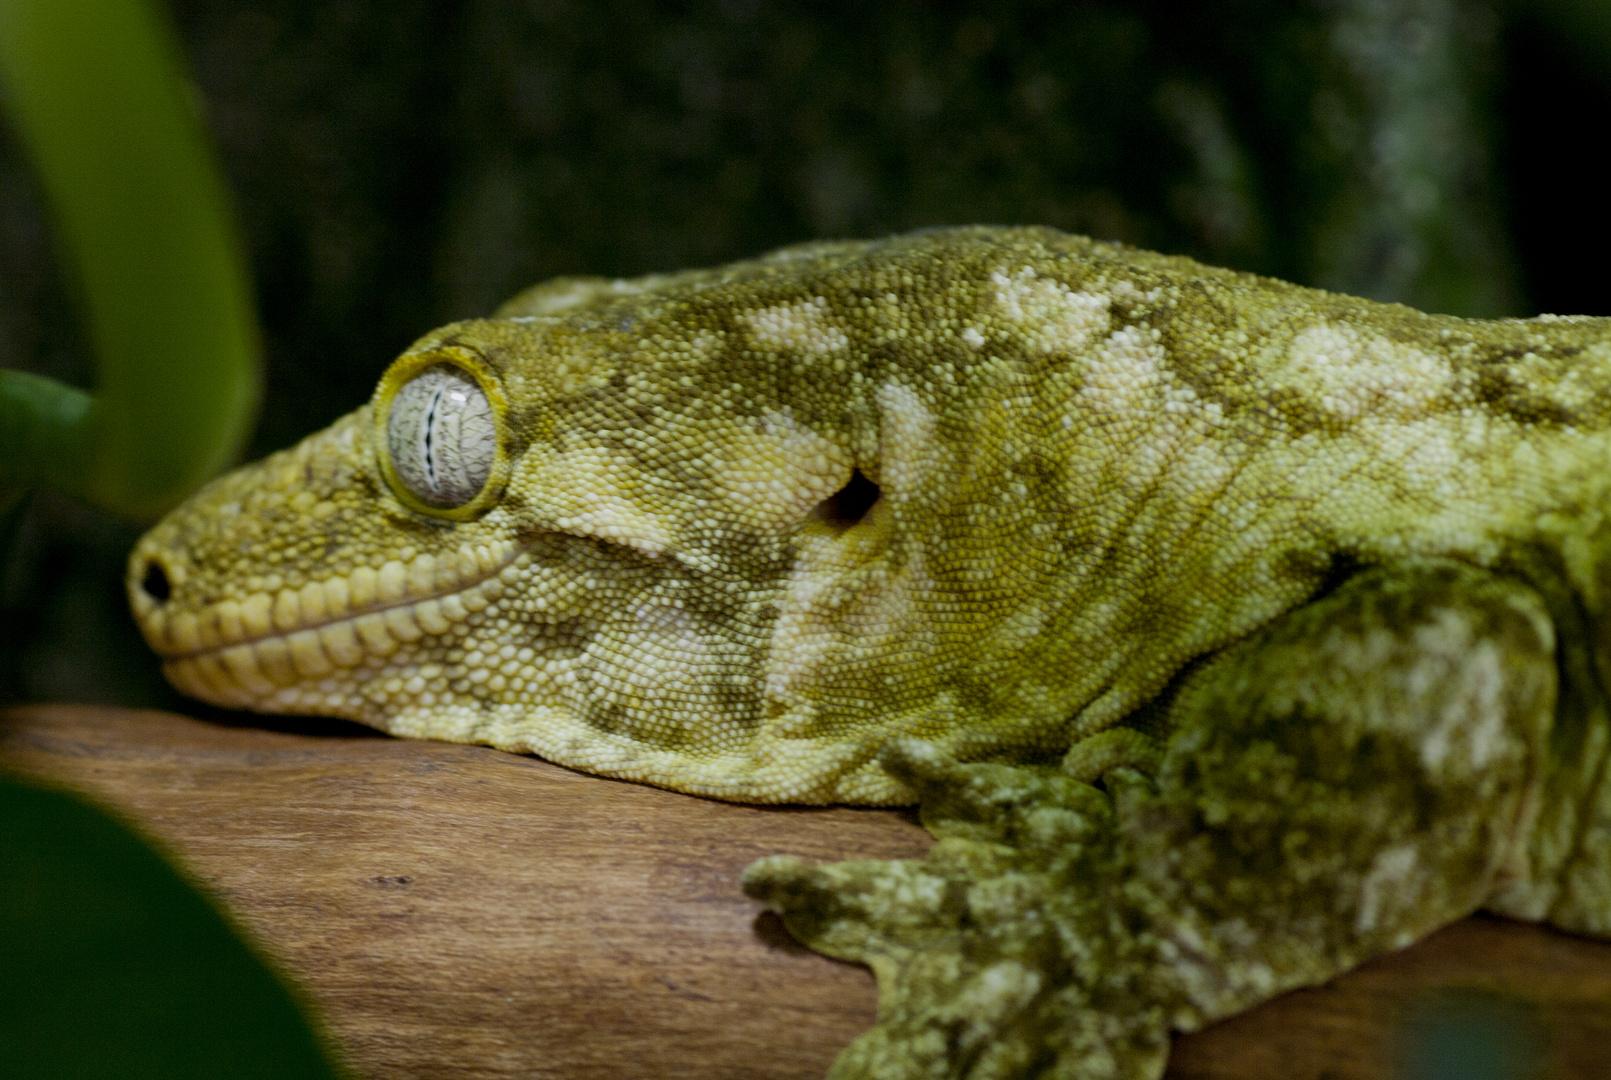 Schleckmaulgecko - ein seltener Riesengecko aus Madagaskar